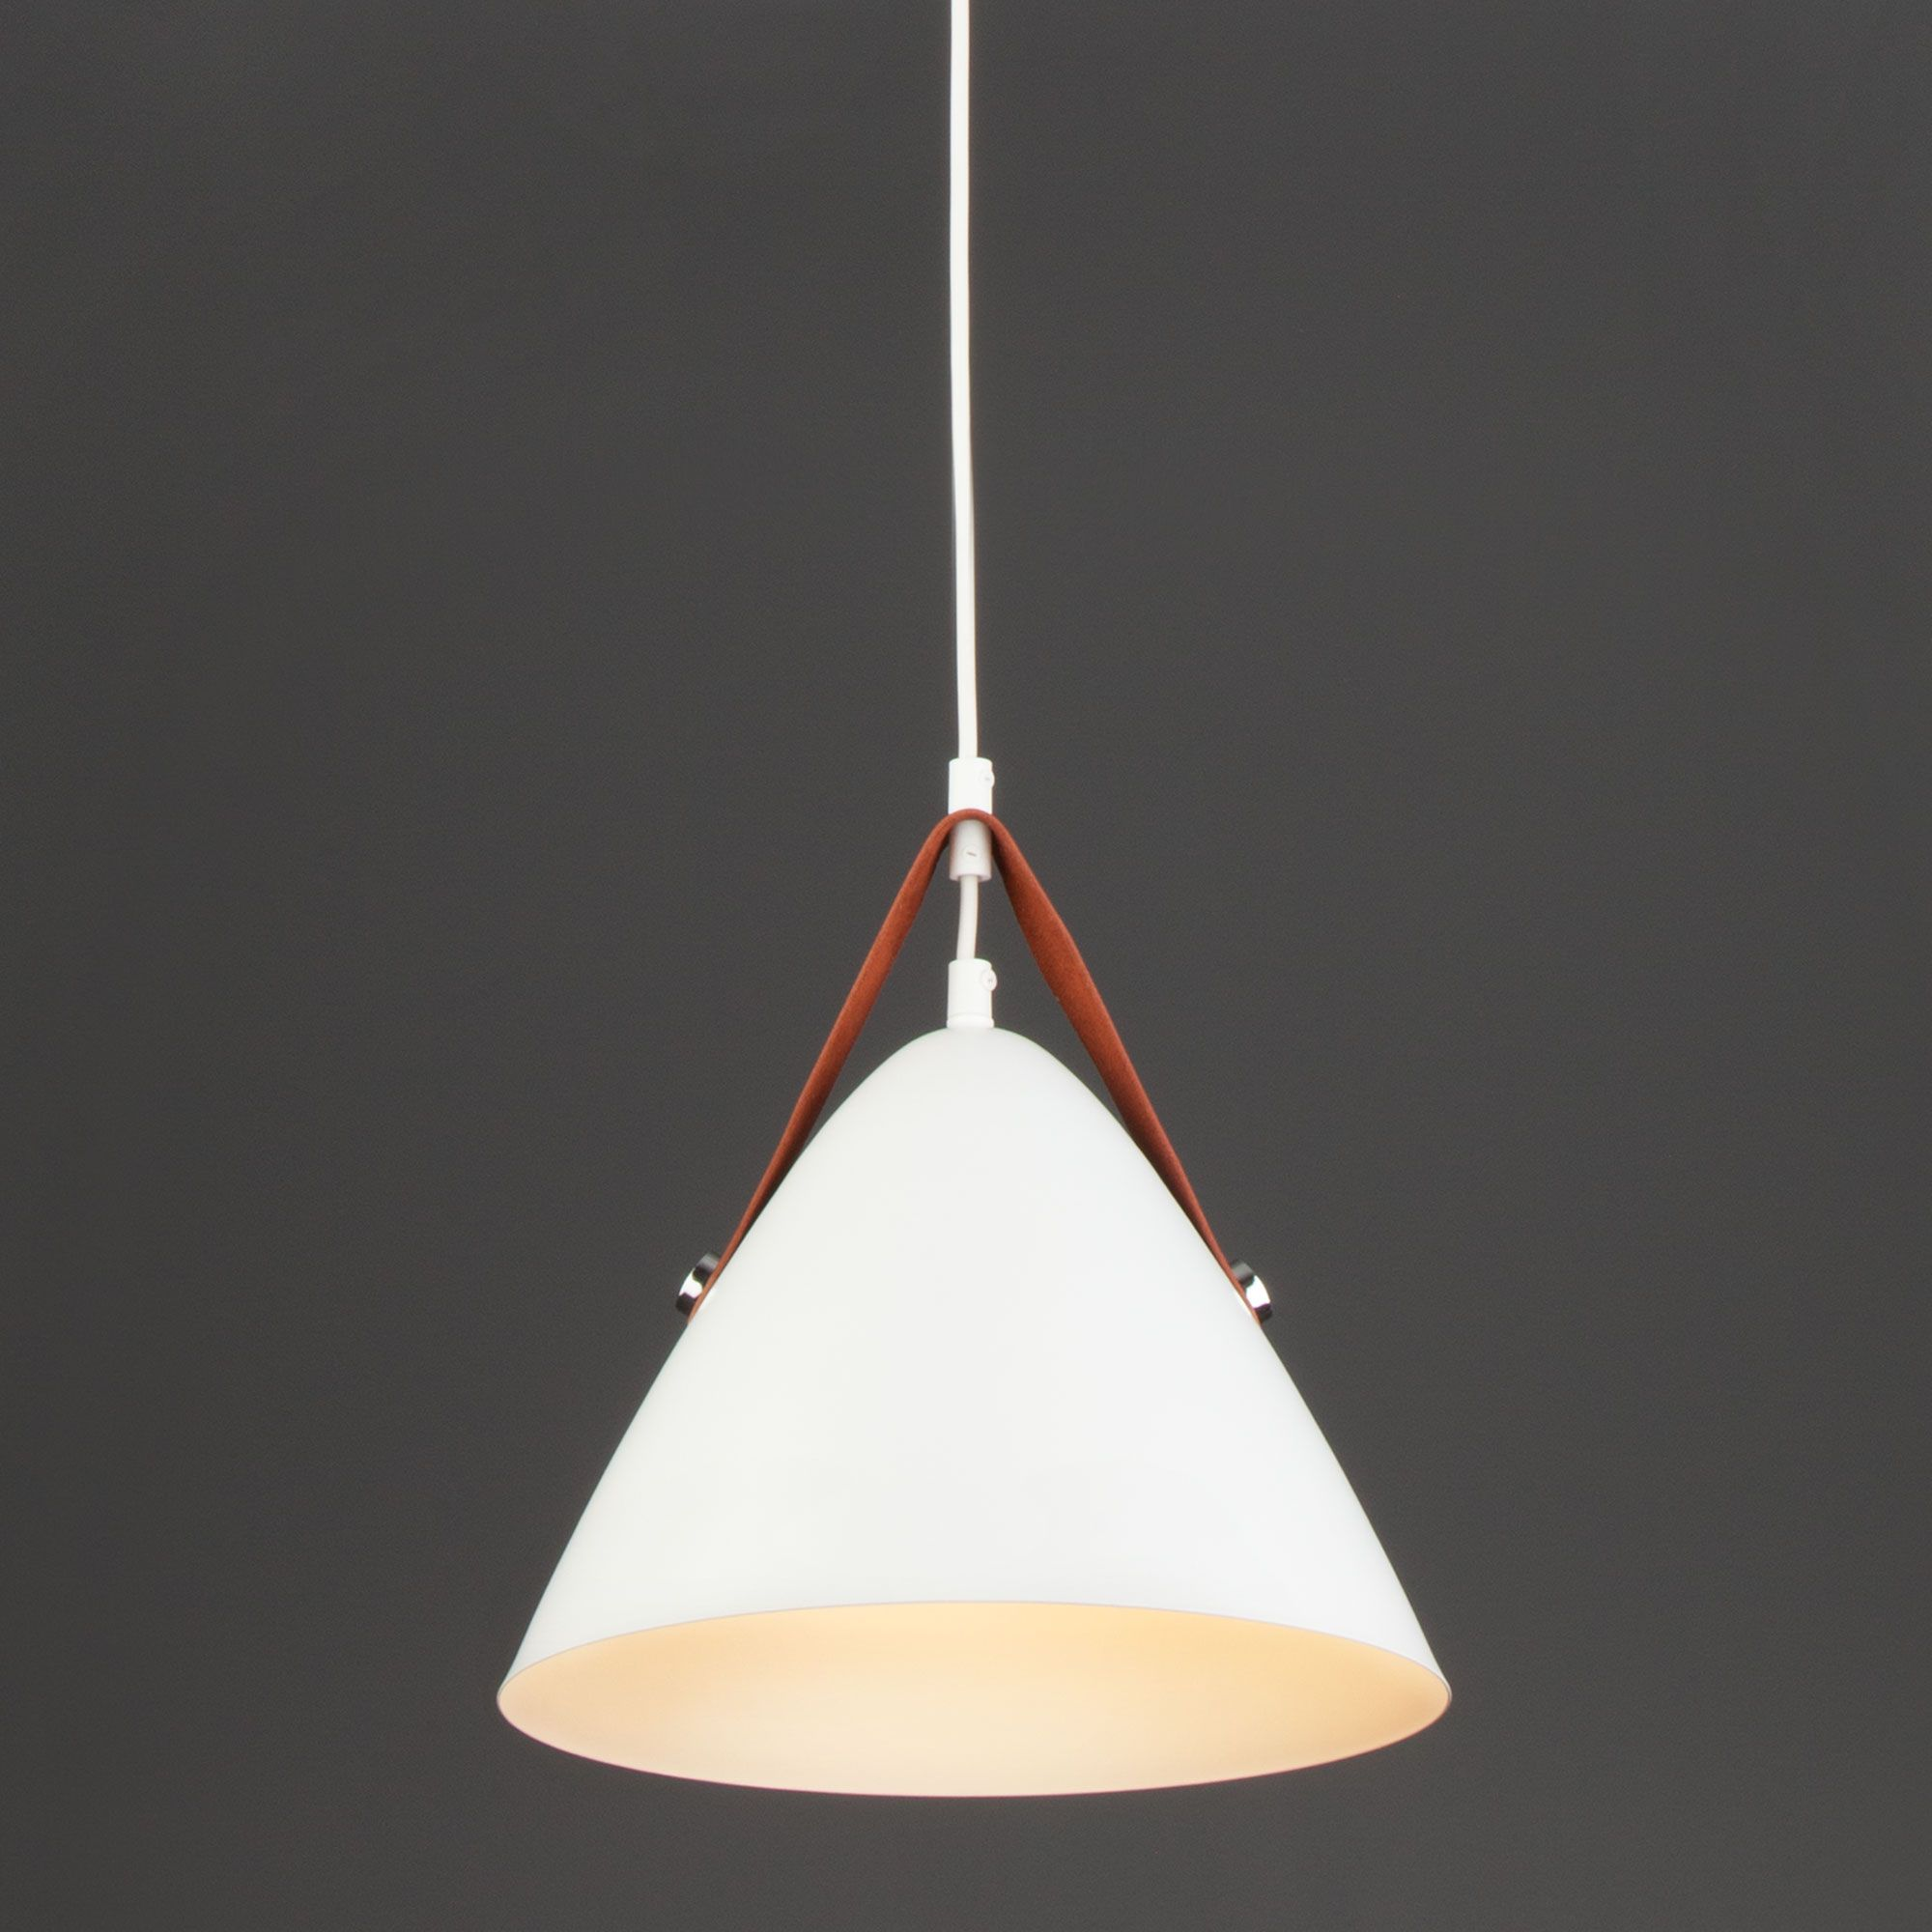 Подвесной светильник лофт с плафоном 50141/1 белый